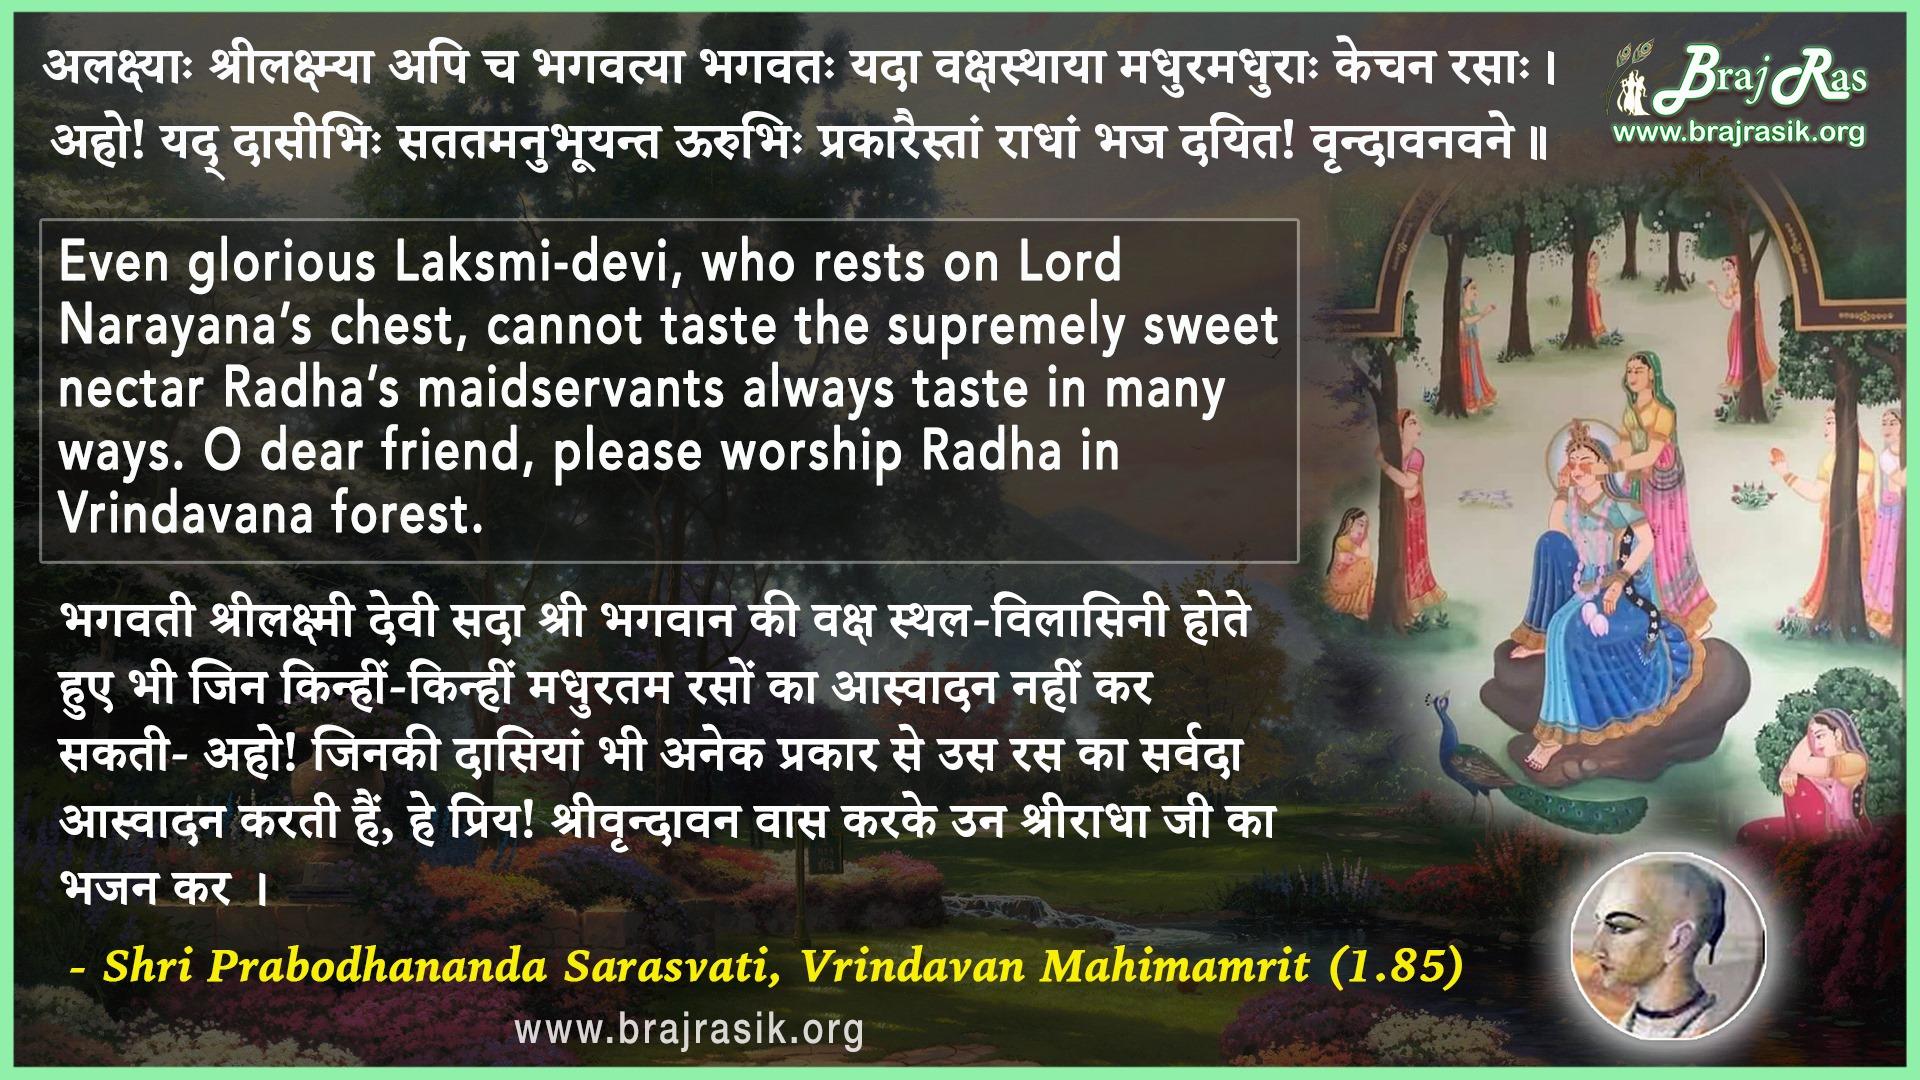 Alakshyaah Shrilakshmyaa Api - Shri Prabodhananda Sarasvati, Vrindavan Mahimamrit (1.85)